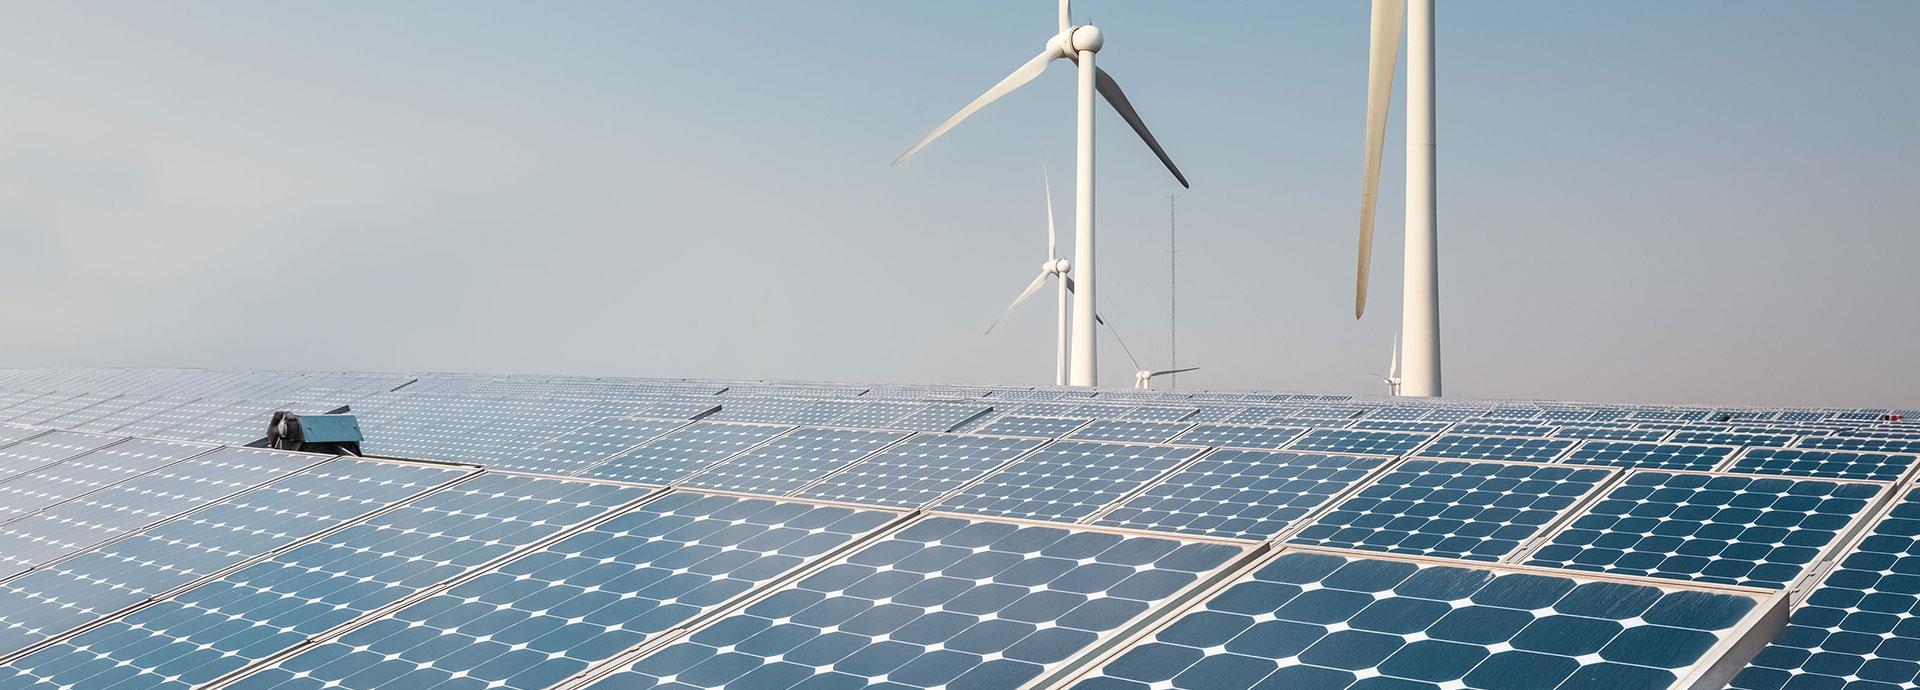 New Regulatory Frameworks for Grid Flexibility